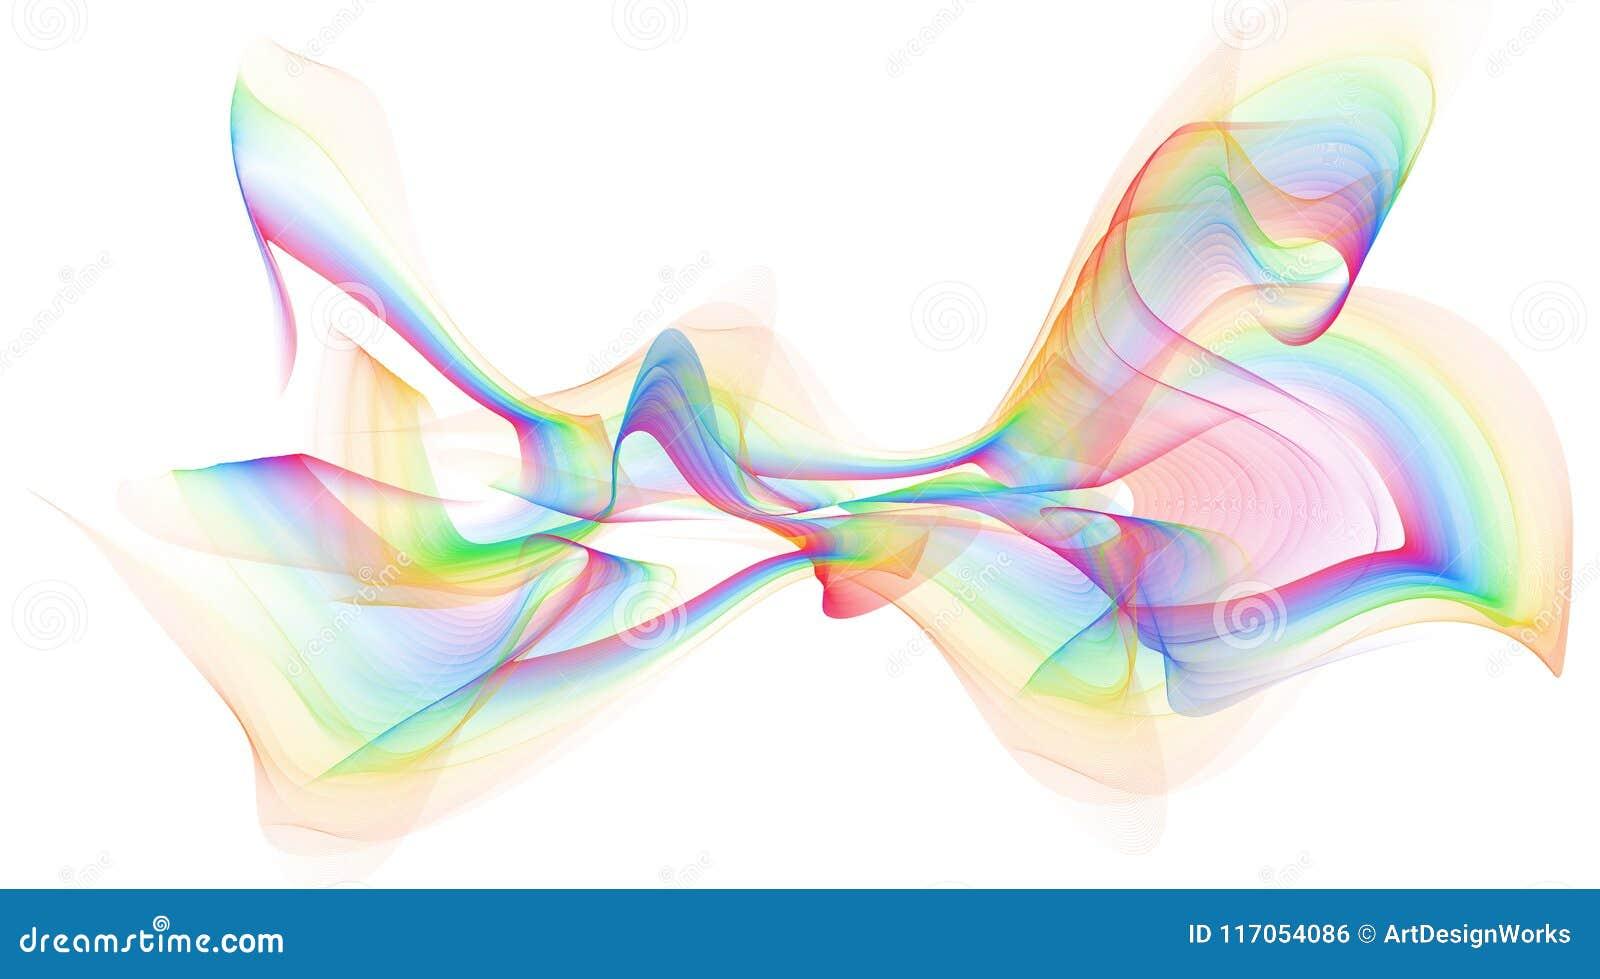 Diseño colorido abstracto del fondo de las ondas de la llama - aislado